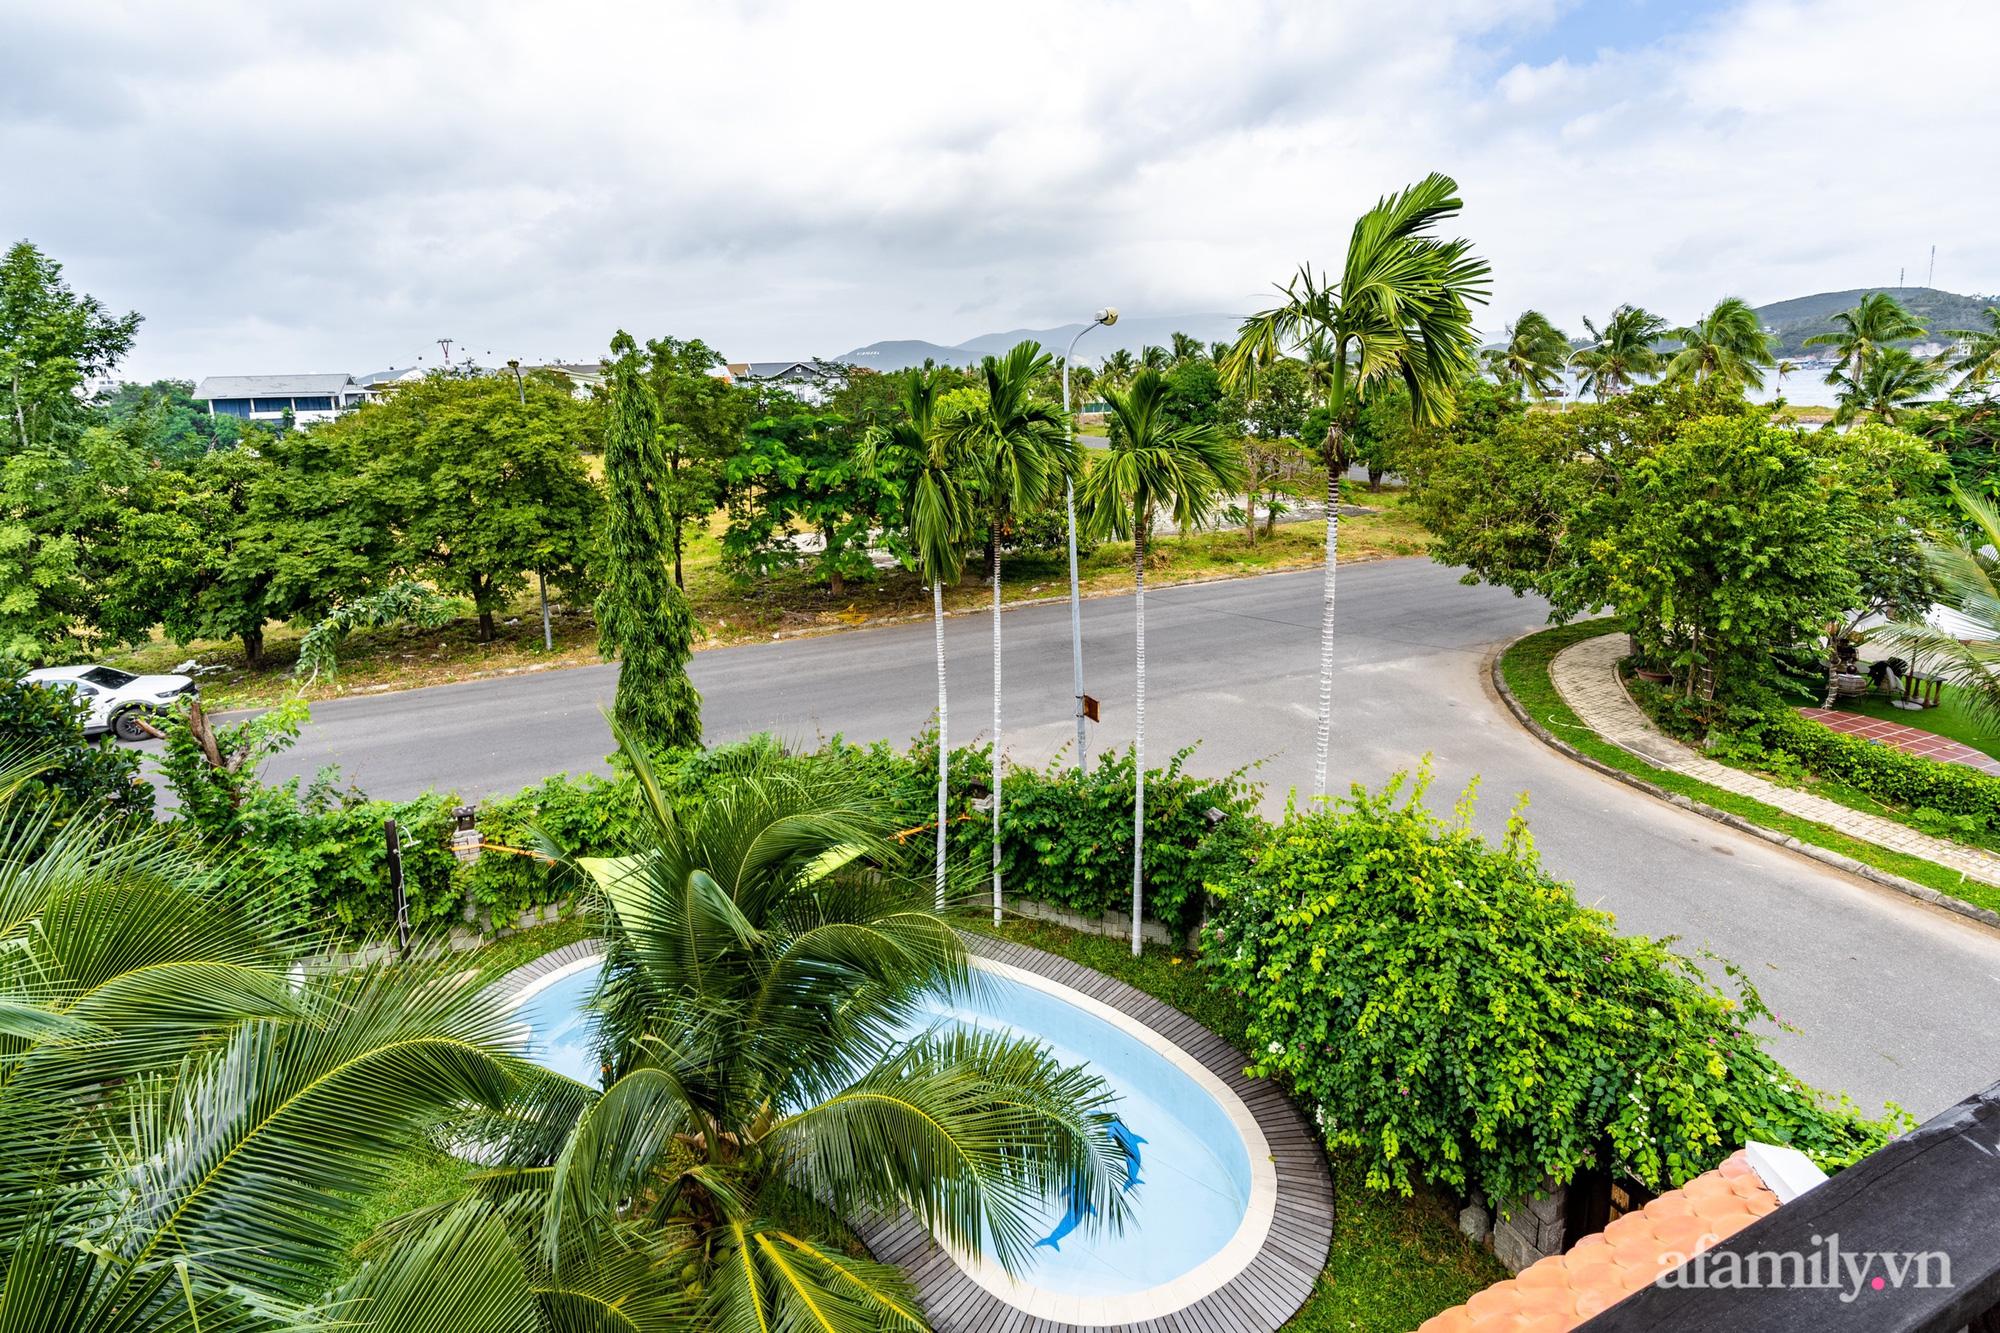 Căn nhà vườn xây 10 năm vẫn đẹp hút mắt với nội thất gỗ và cây xanh quanh nhà ở Nha Trang-29